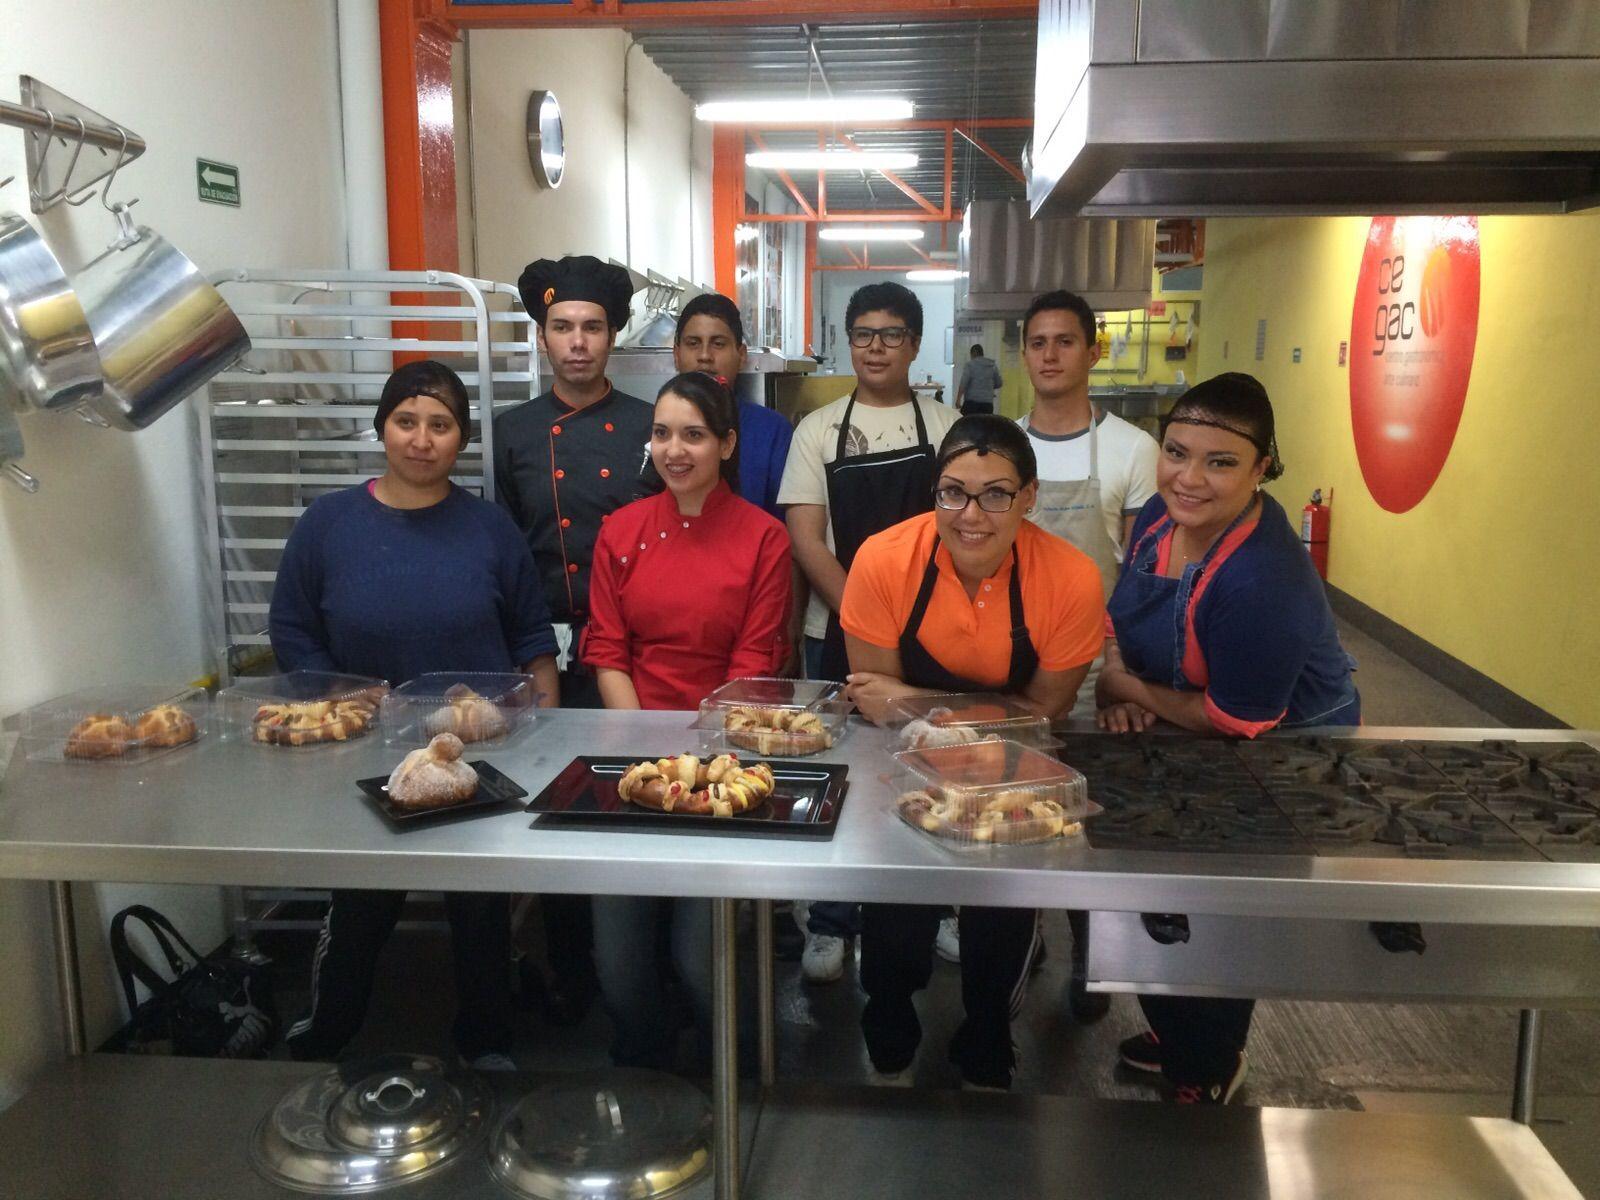 @cegacmx #Inscripciones #Pastelería #Cegac #Gastronomia #ArteCulinario #MexicoCity #Travel #TravelDeeper #GastroTour #Natural #Nutricion #CDMX #ZerYioPhotography www.cegac.mx